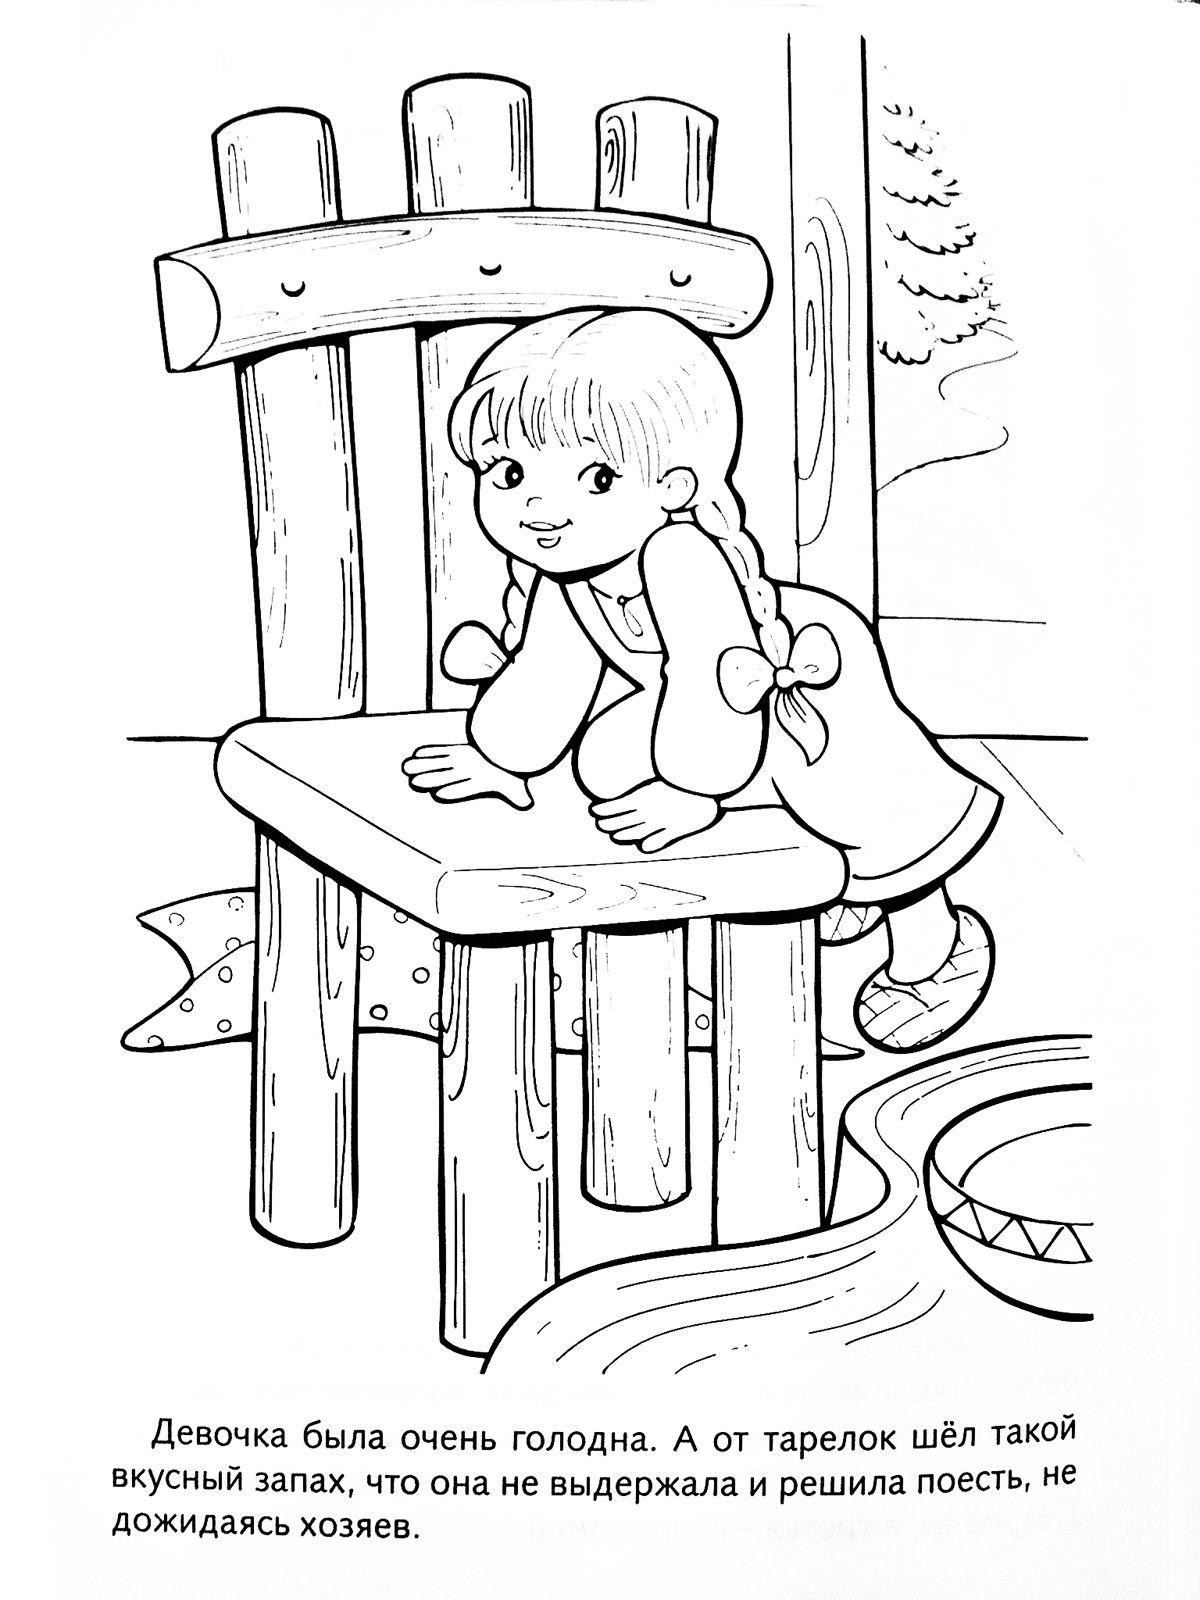 Картинки и раскраски к сказке «Три медведя» | Раскраски ...